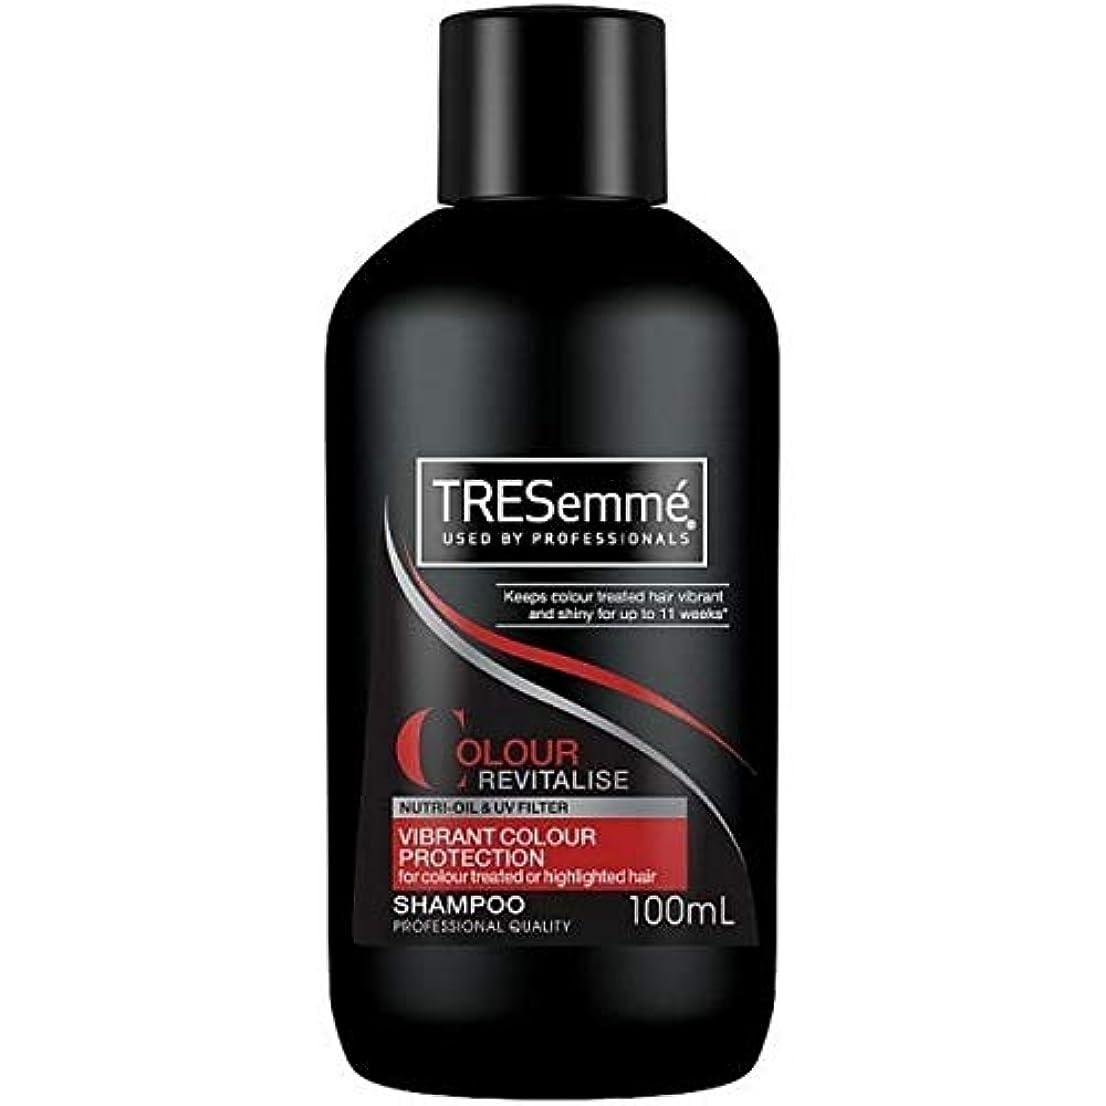 しないでください分散協会[Tresemme] Tresemme色はカラーフェードシャンプー100ミリリットルを活性化 - TRESemme Colour Revitalise Colour Fade Shampoo 100ml [並行輸入品]